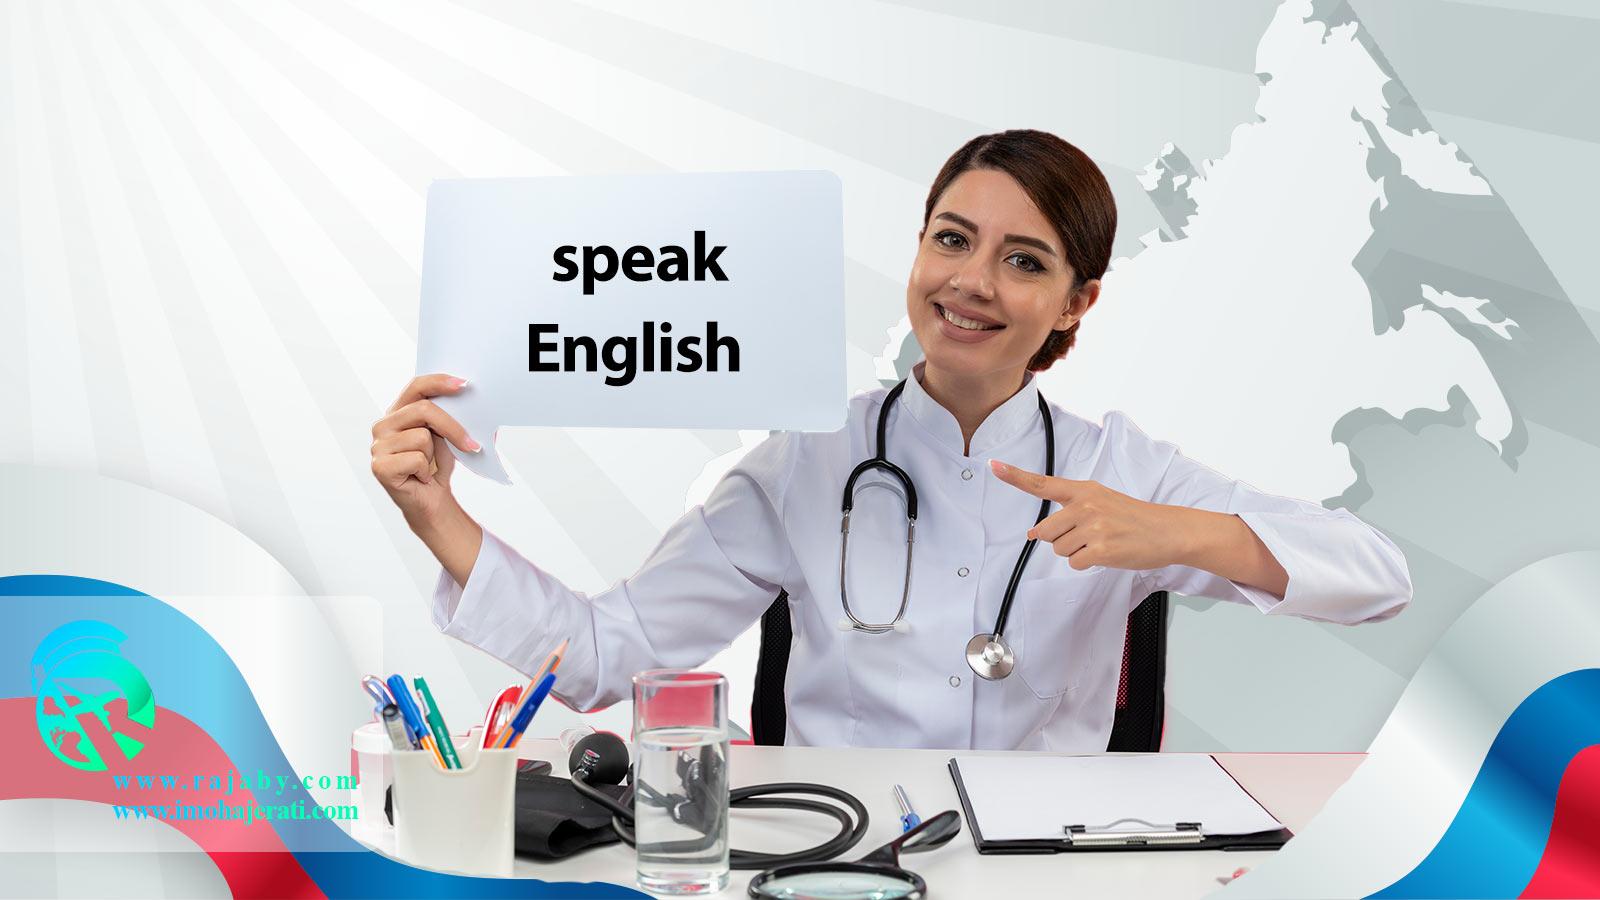 تحصیل پزشکی روسیه به زبان انگلیسی